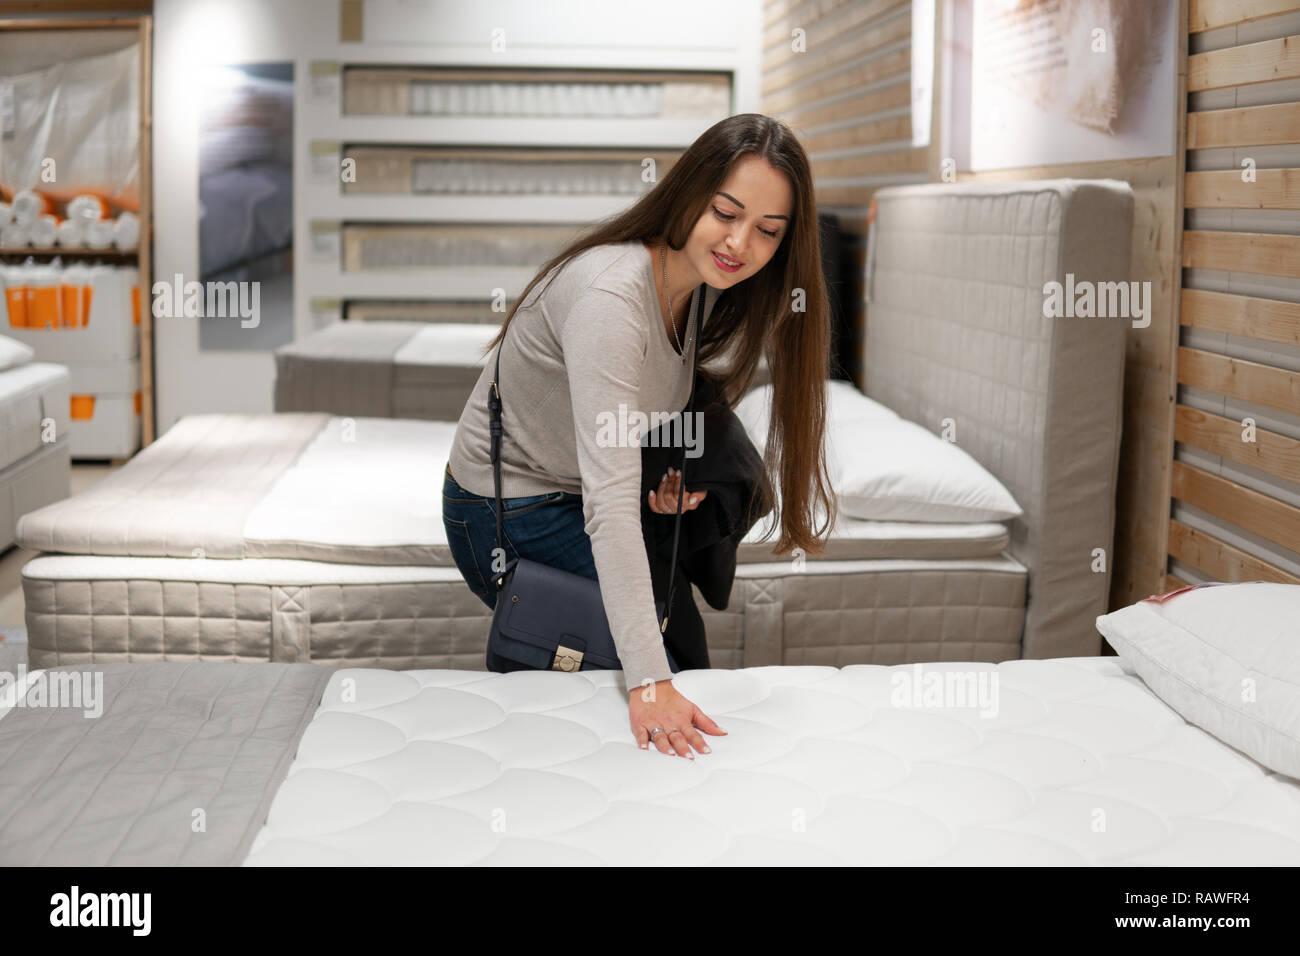 9e8c46cc29973e Kunden Frau neue Möbel kaufen - Sofa oder Couch in einem Geschäft ...